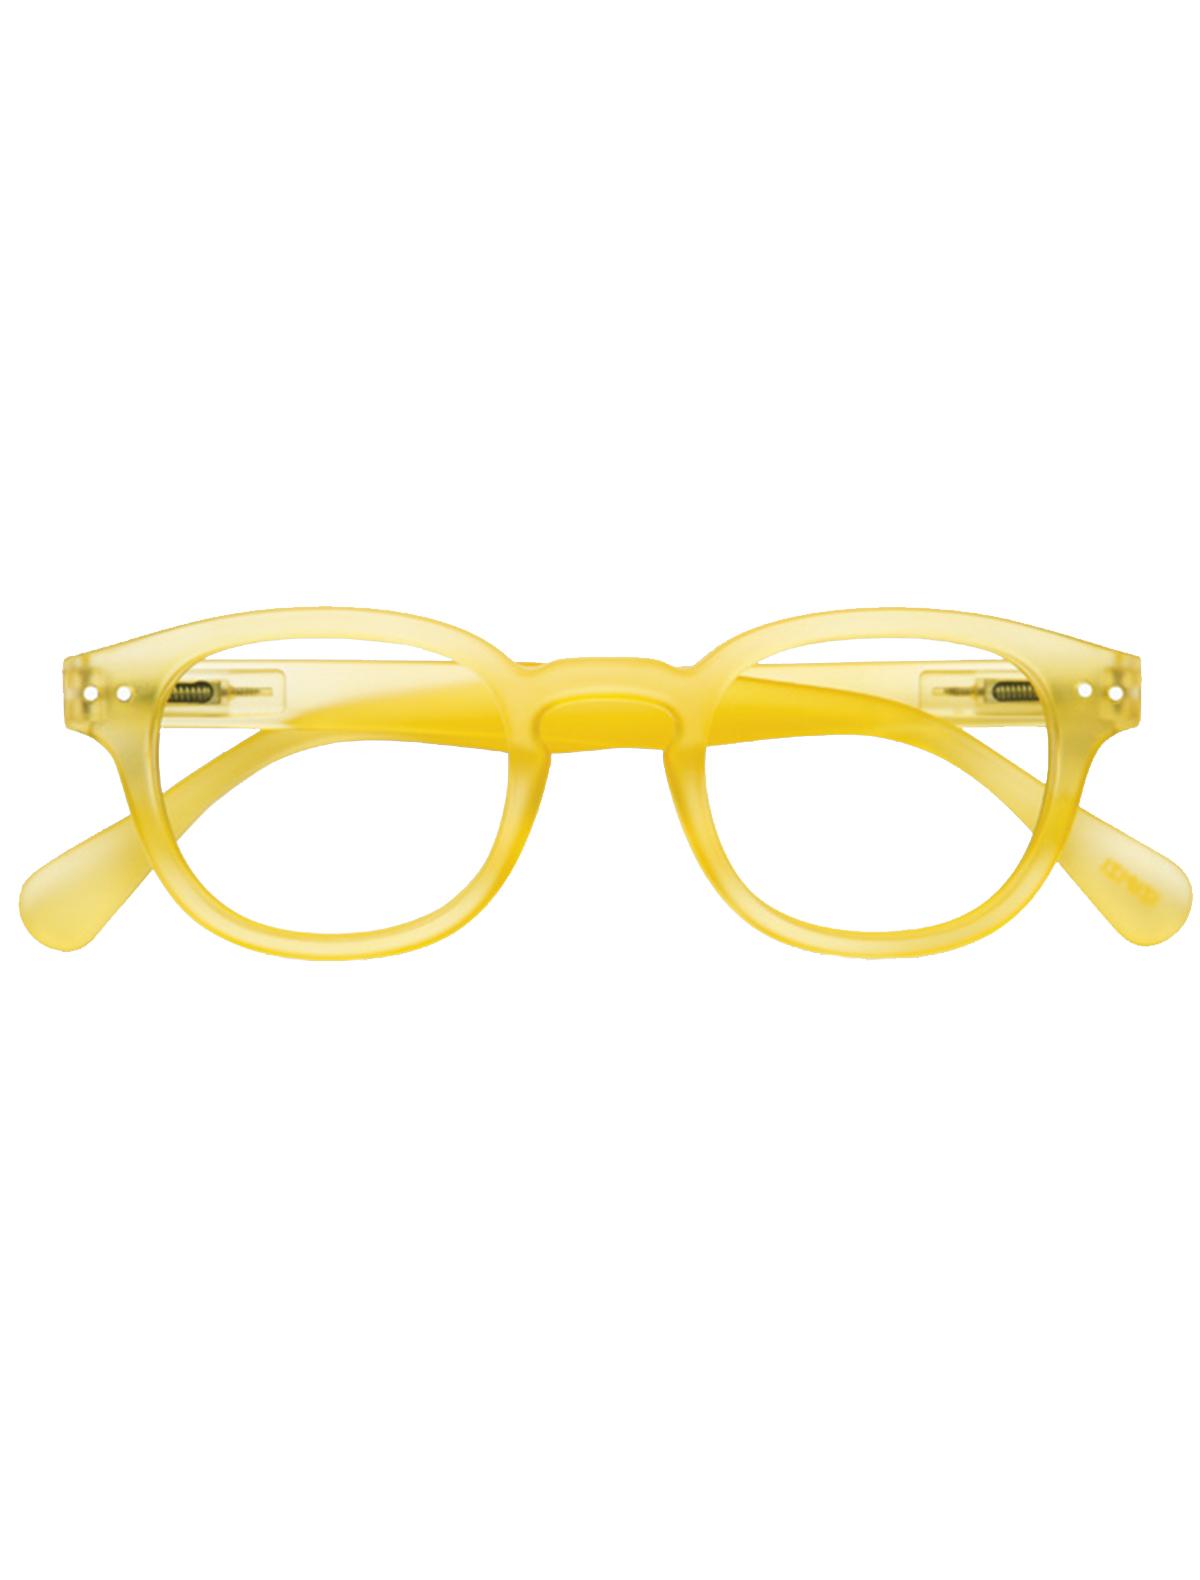 Купить 2196708, Очки IZIPIZI, желтый, 5252828980025